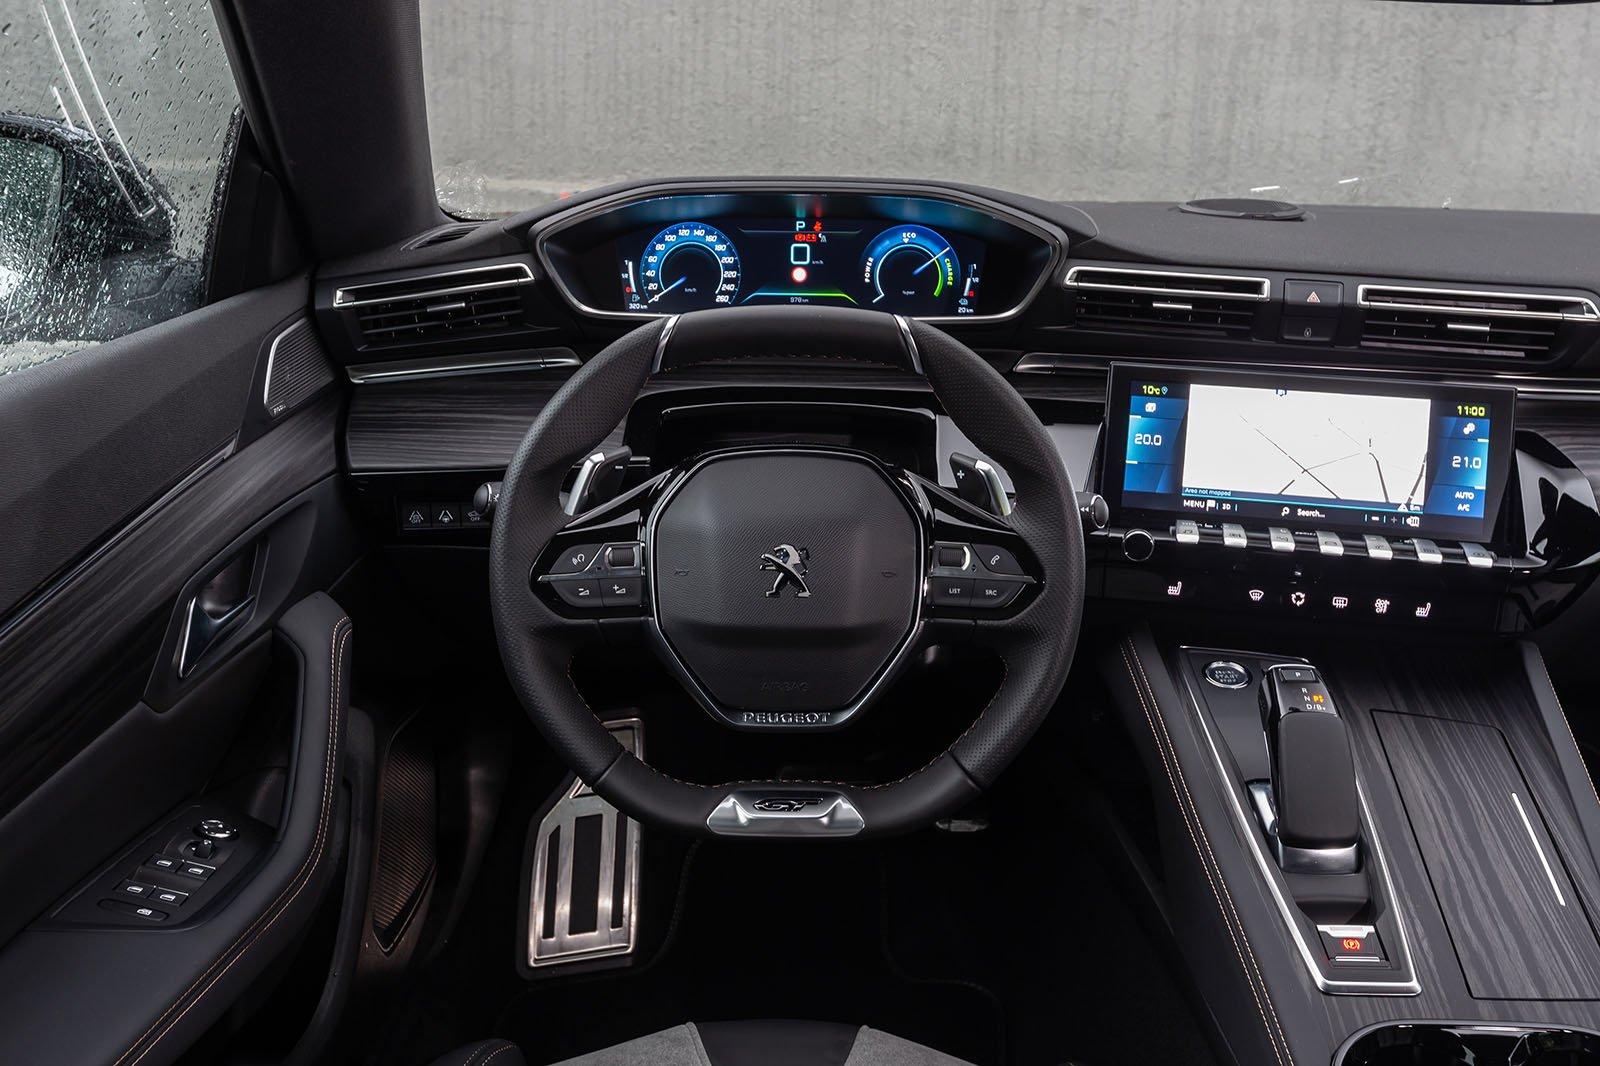 Peugeot 508 Hatchback Hybrid 2020 dashboard LHD